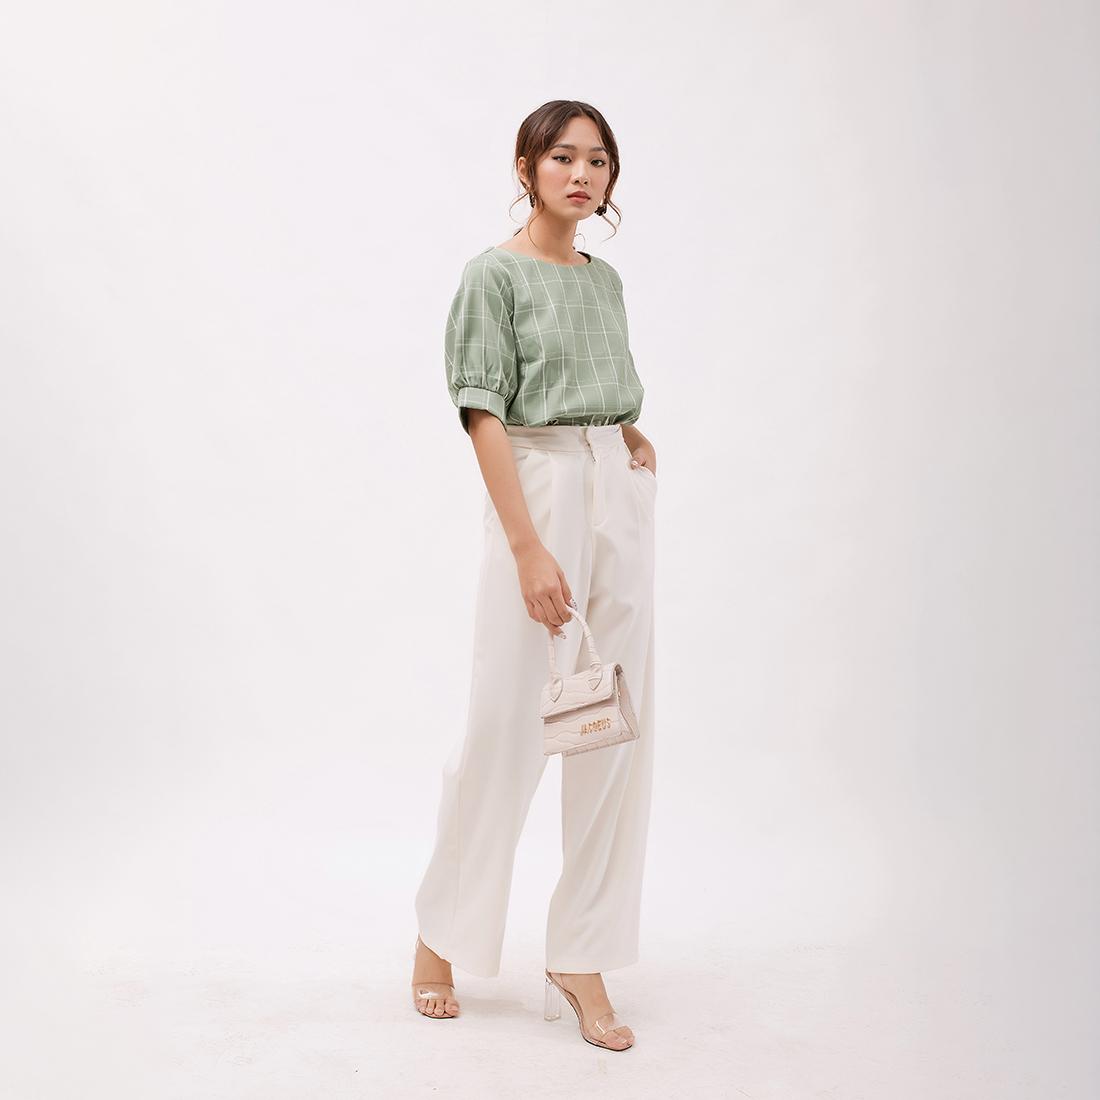 Áo Kiểu Thời Trang Eden Caro Phom Rộng Tay Ngắn Phối Nút - ASM063 - Màu Xanh